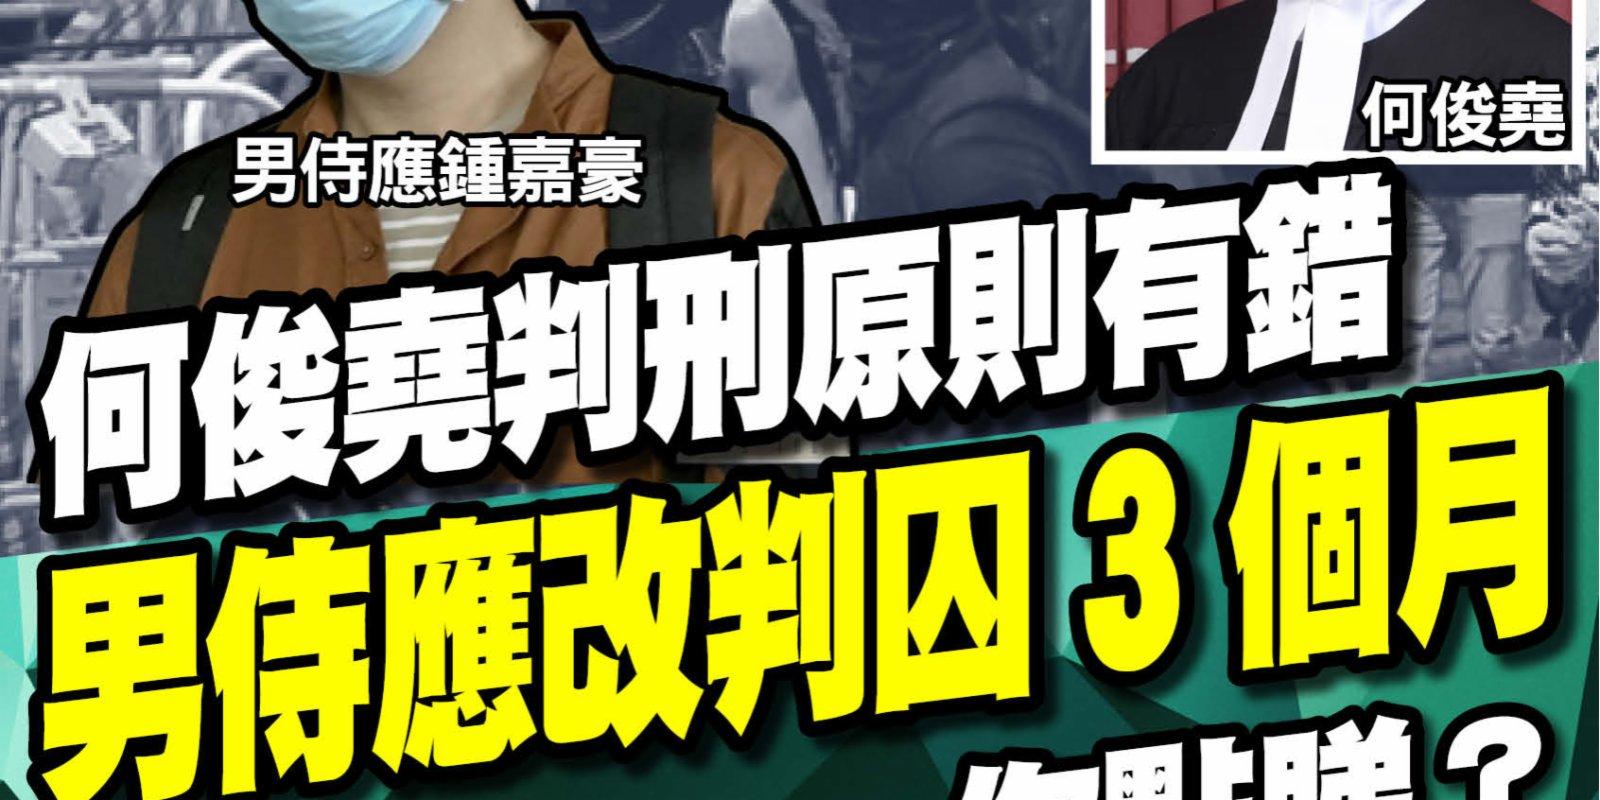 何俊堯判刑原則有錯 男侍應改判囚3個月 你點睇?